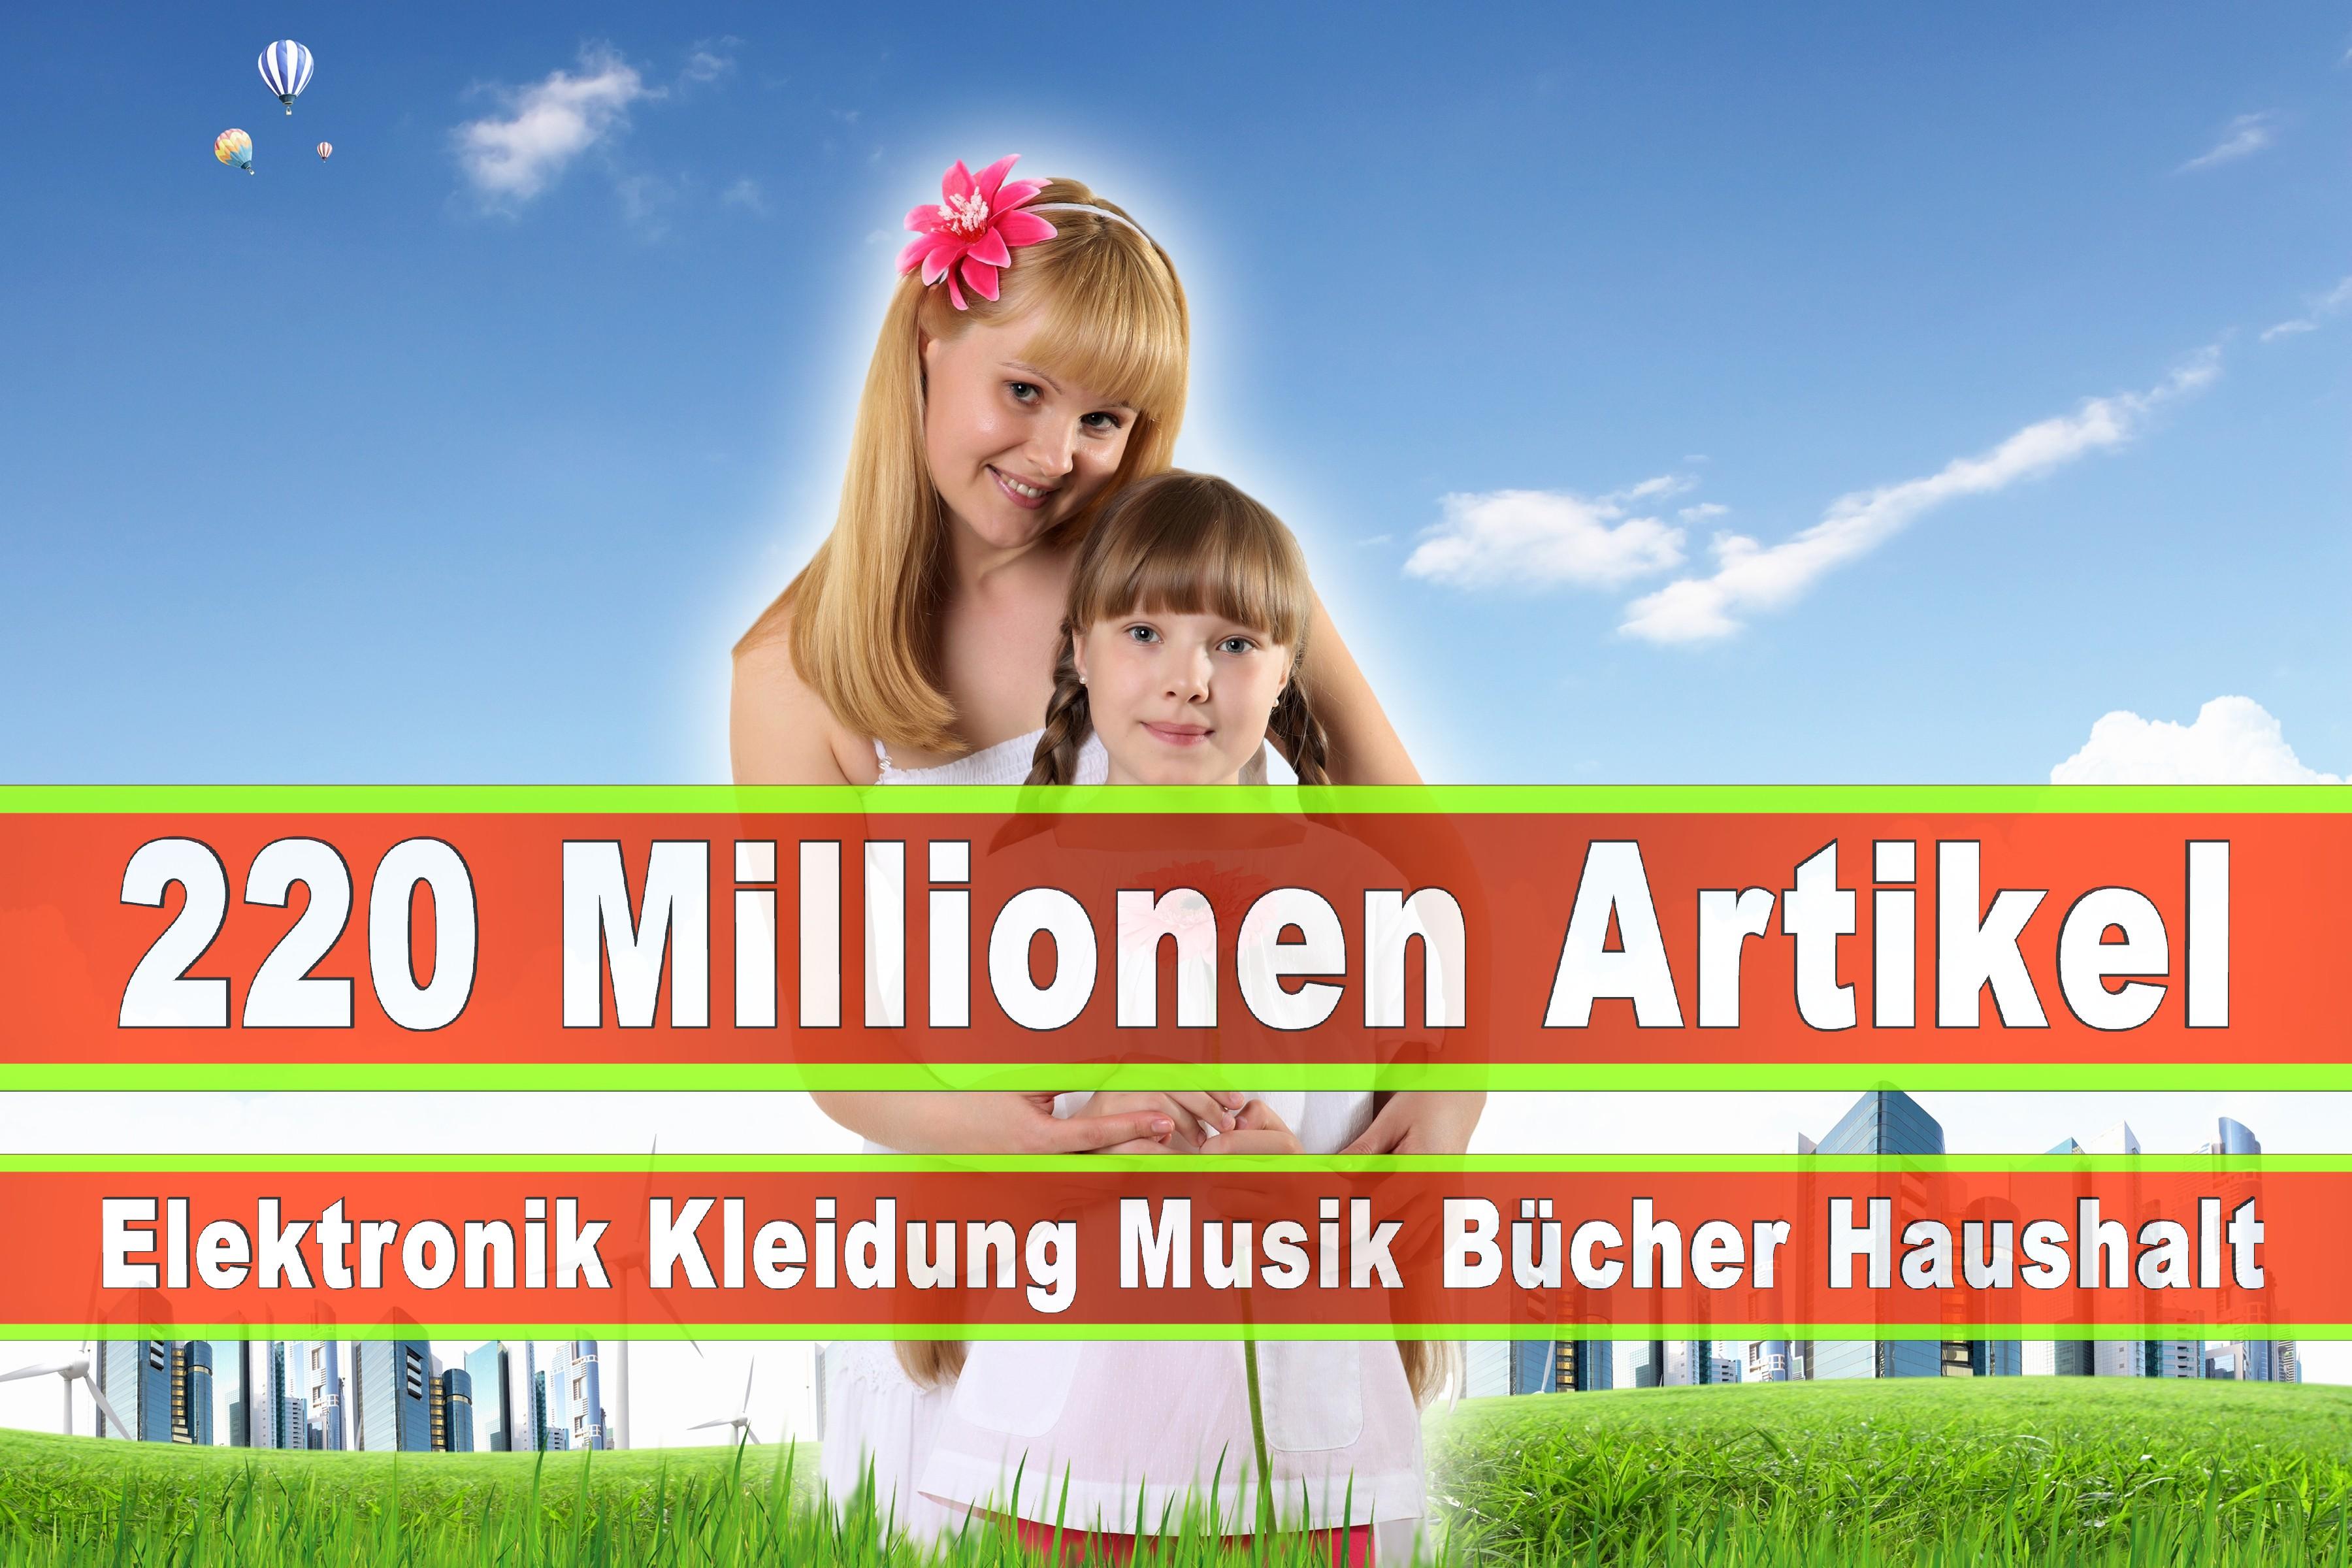 Amazon Elektronik Musik Haushalt Bücher CD DVD Handys Smartphones TV Television Fernseher Kleidung Mode Ebay Versandhaus (193)